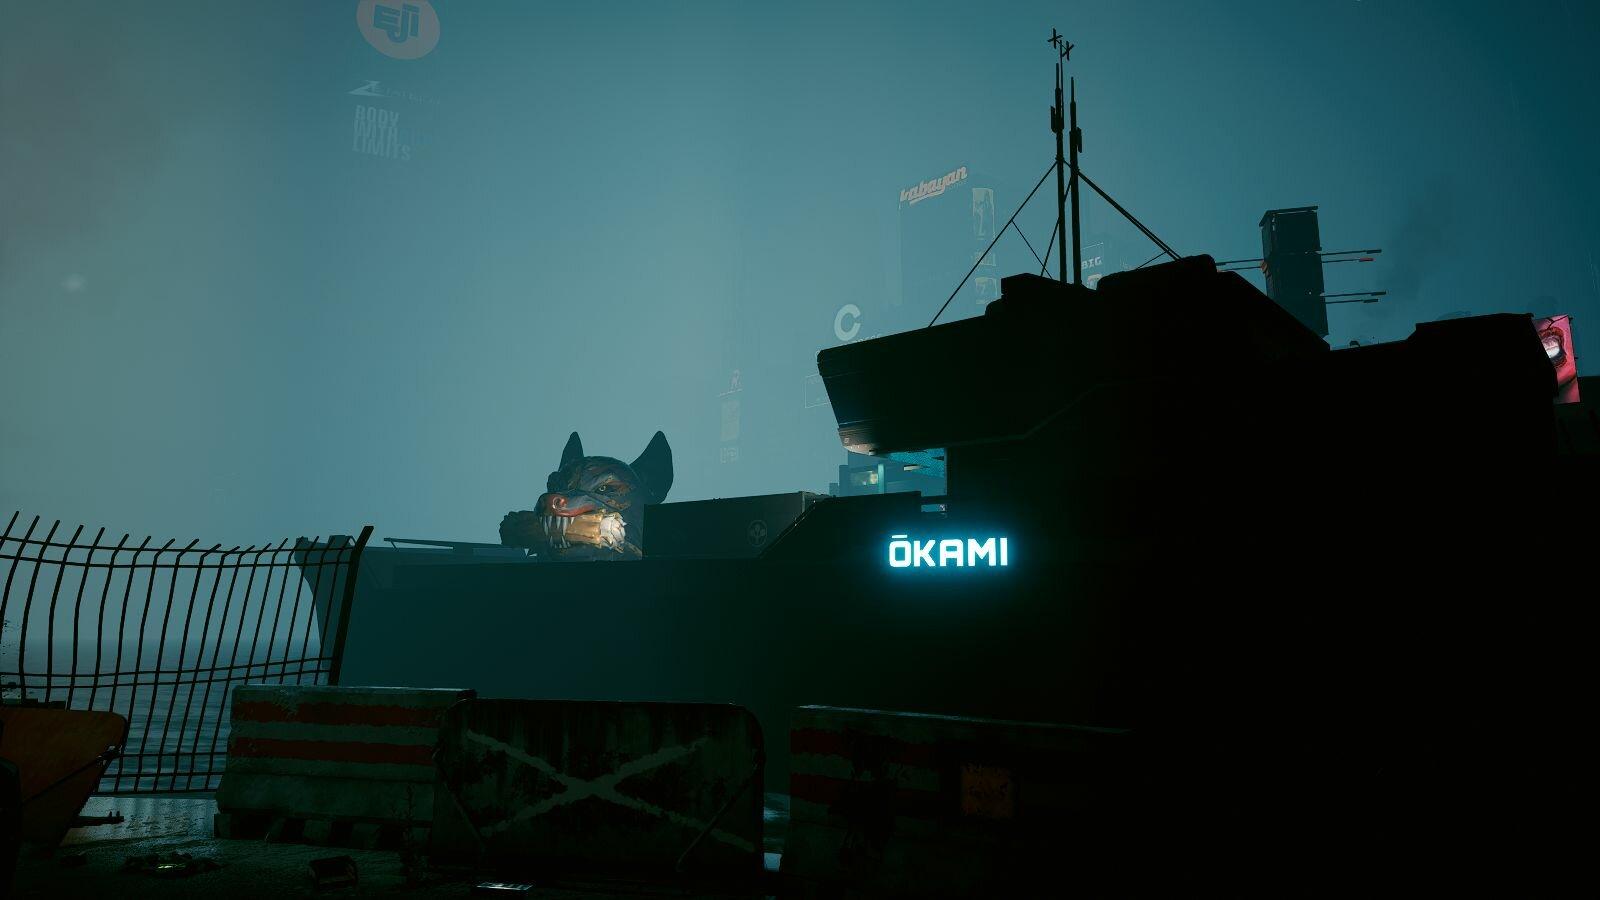 Ночью в порту..